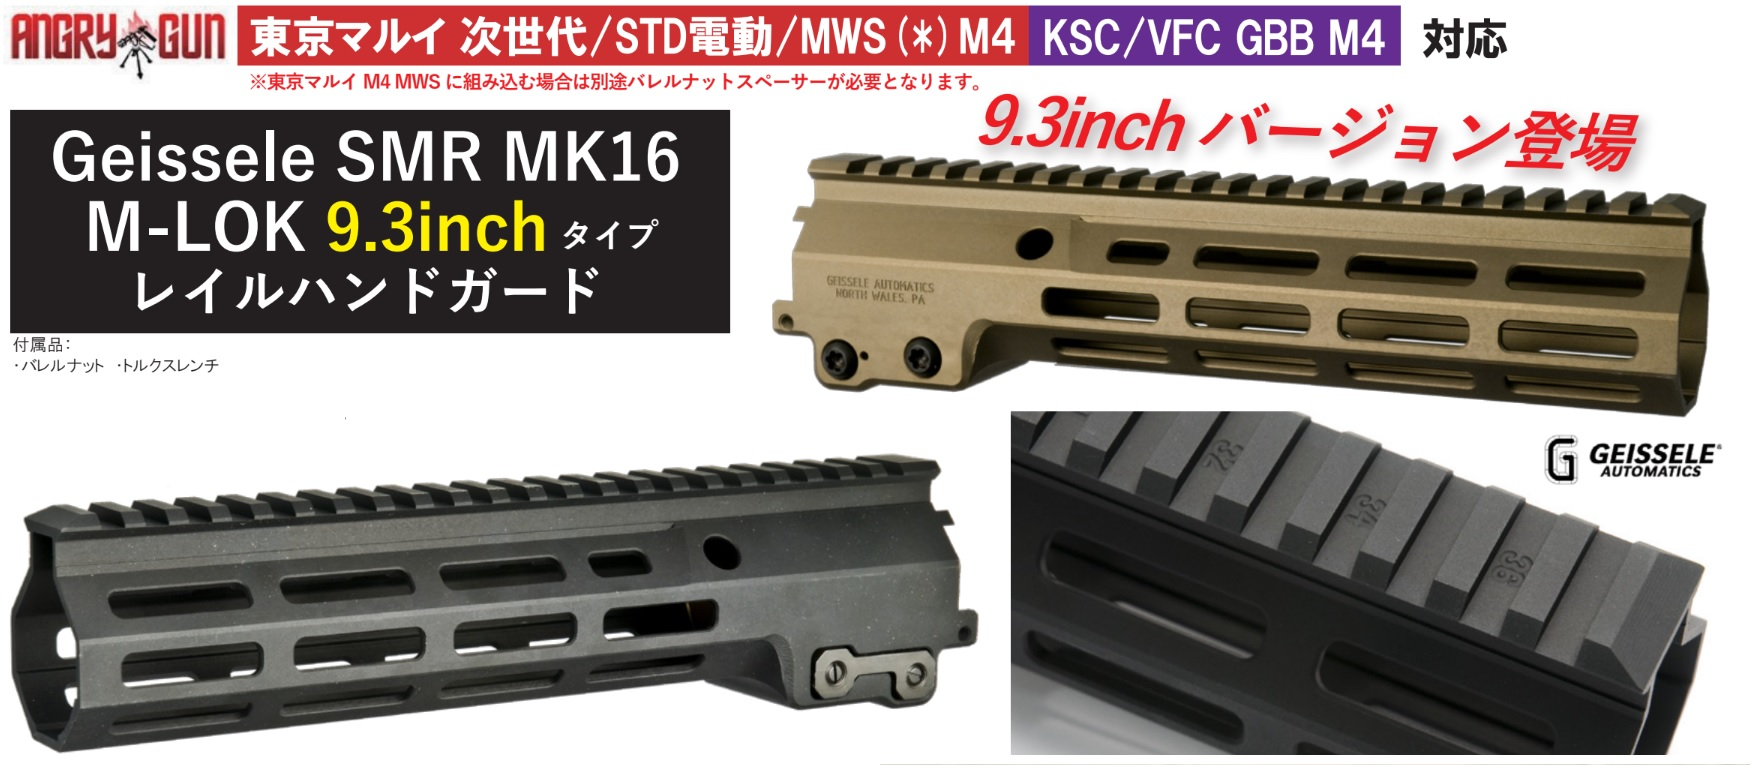 """Angrygun 各社M4用Geissele MK16 M-LOK 9.3""""レイルハンドガード"""